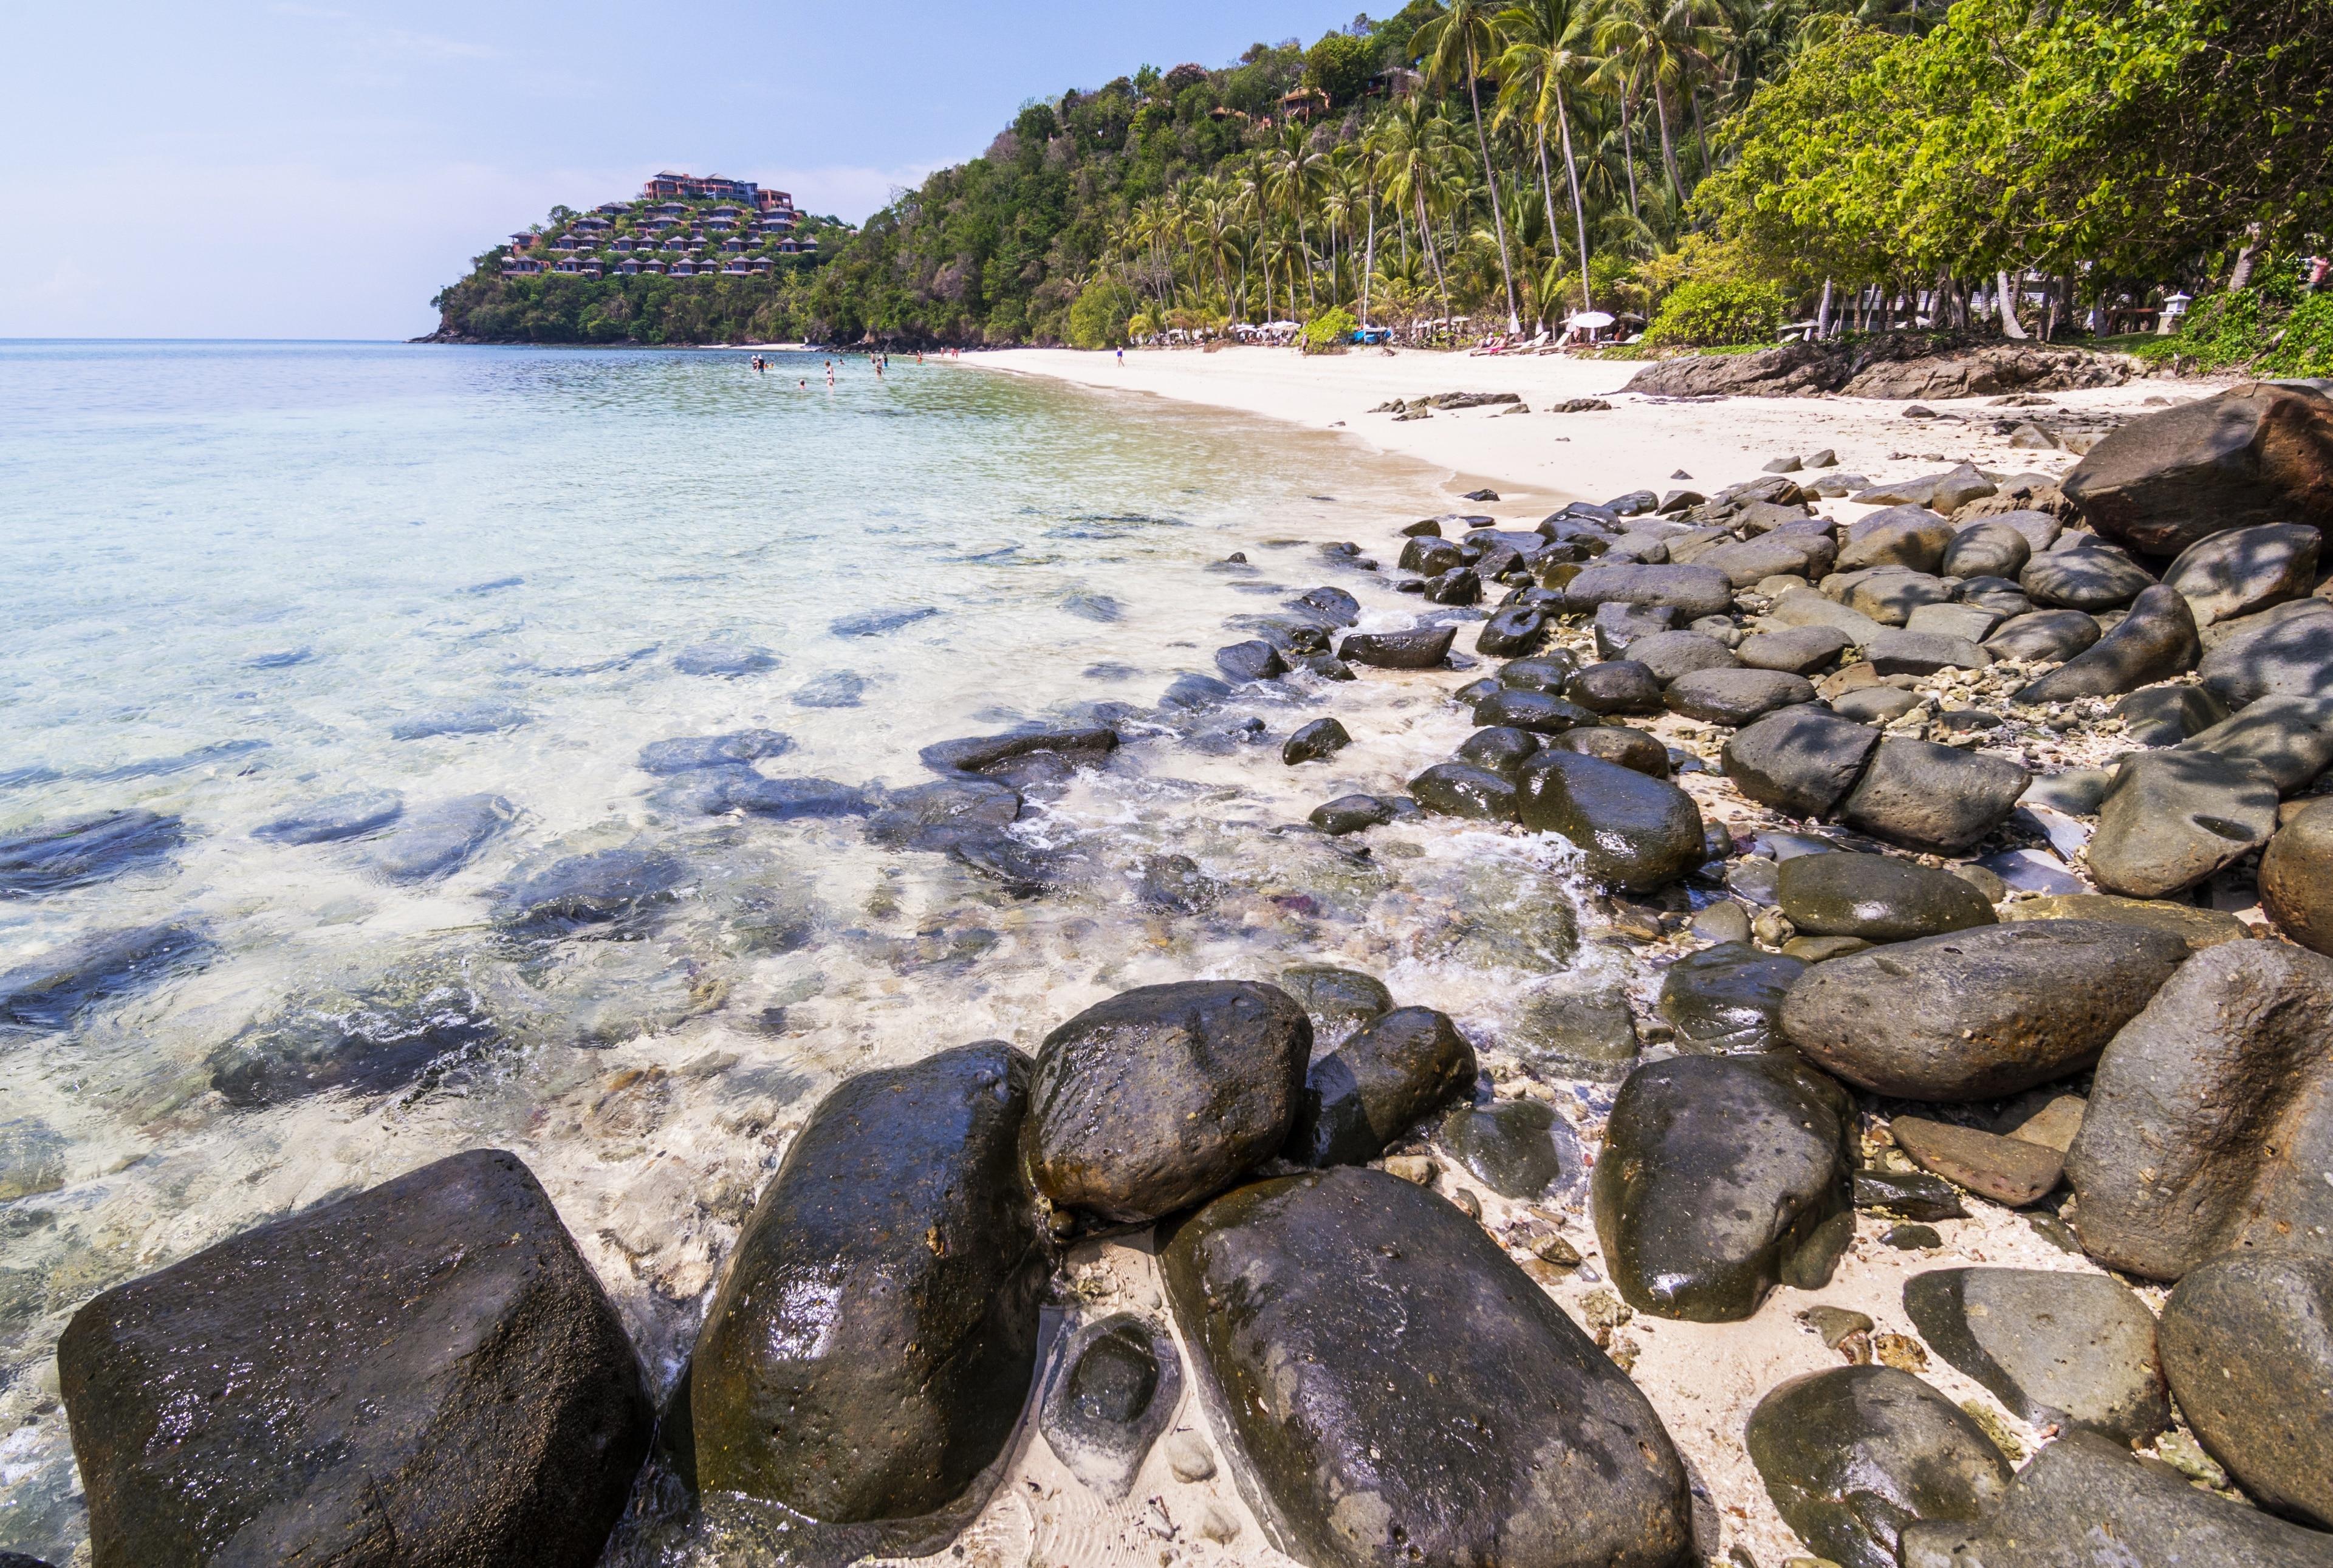 Wichit, Phuket Province, Thailand